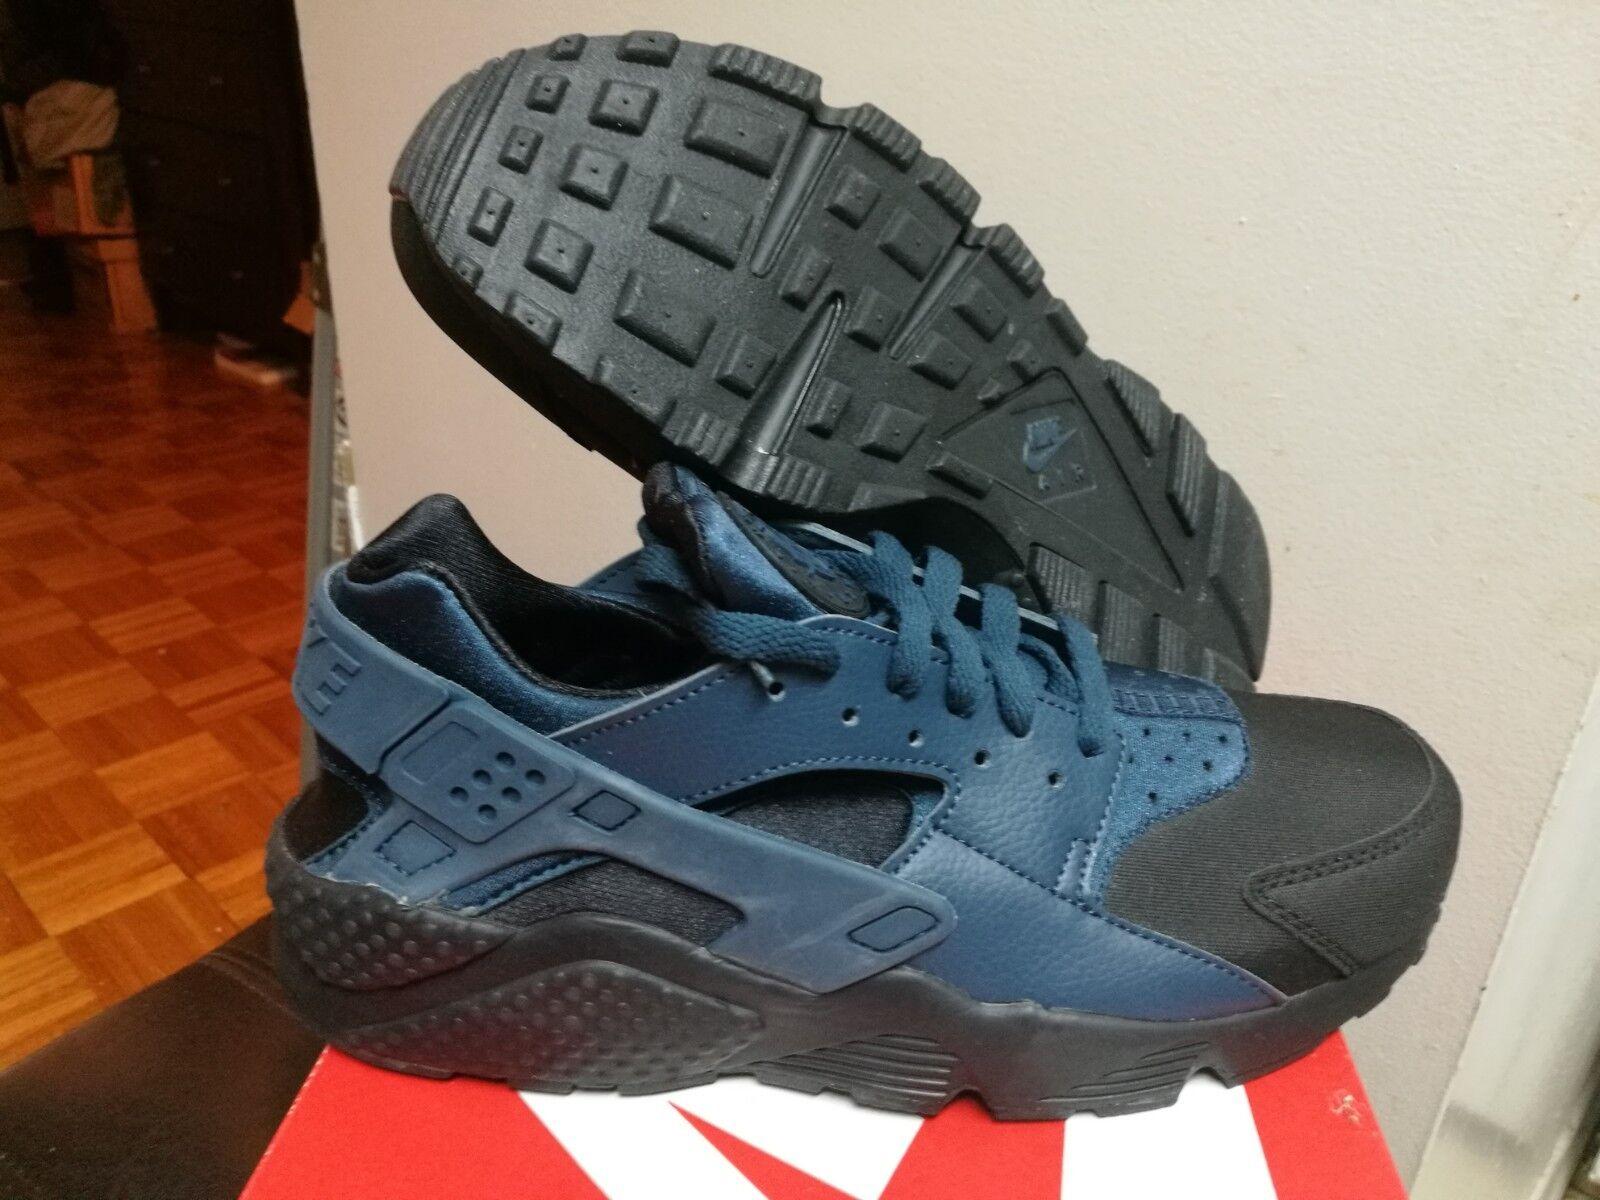 Men's Nike Air 004 Huarache PRM Black/Squadron Blue 704830 004 Air Size 9-9.5 ae11b9